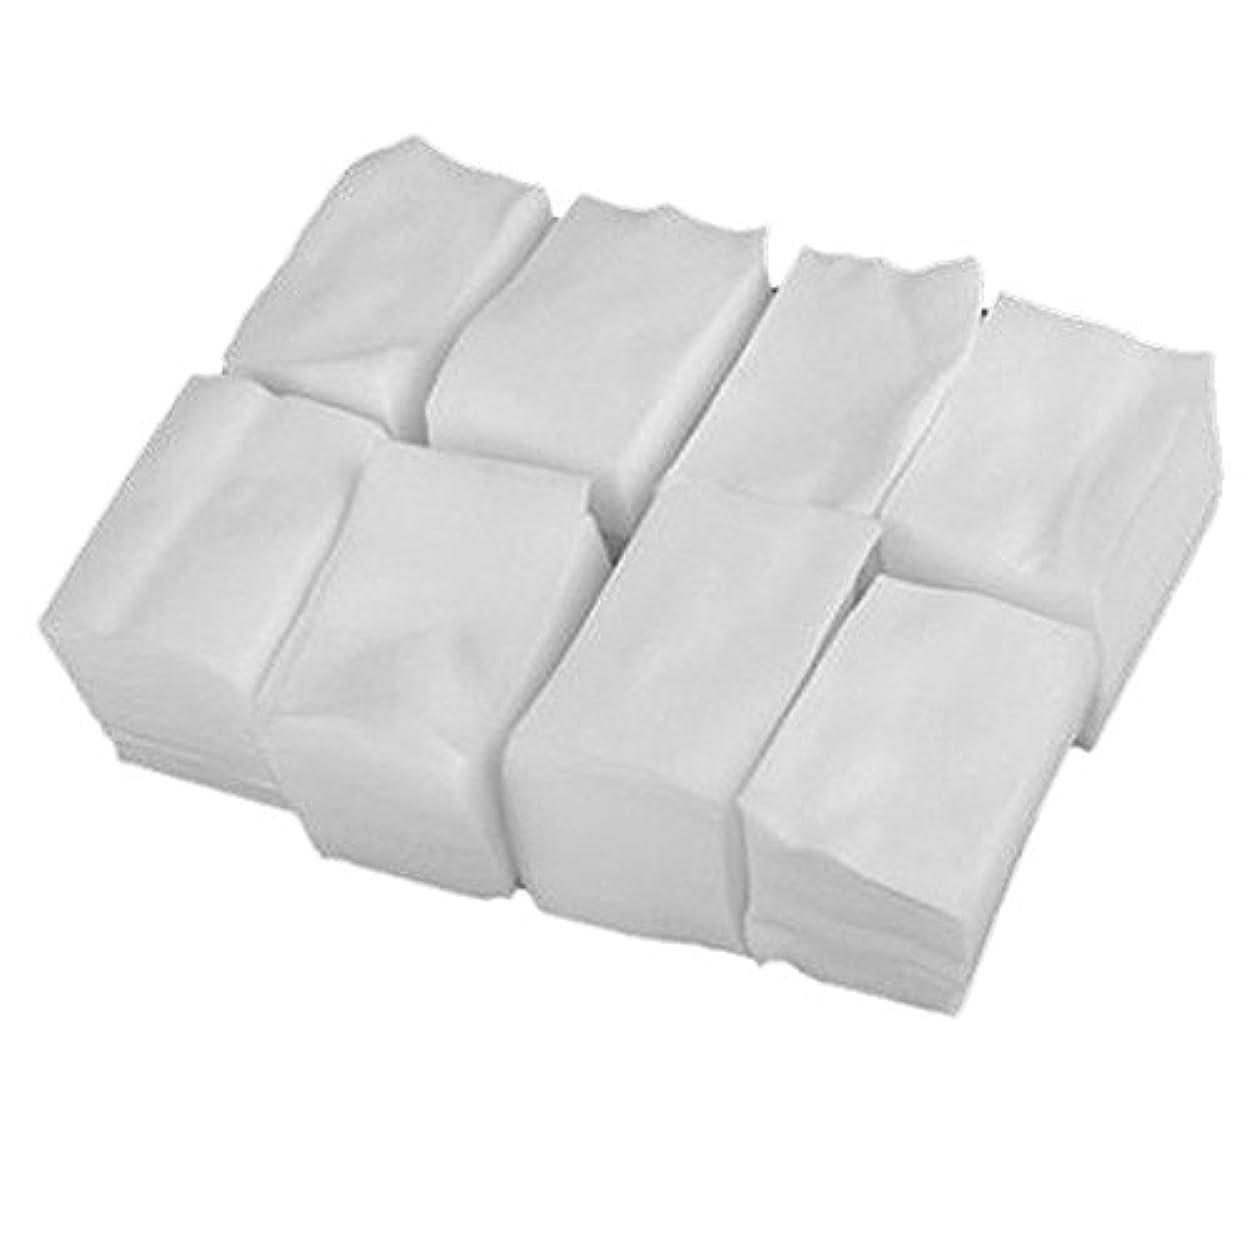 したがって場合野ウサギVi.yo ネイル ジェル ワイプ 天然素材 不織布 コットン ジェルの拭き取り 油分除去 クリーニング 900枚以上